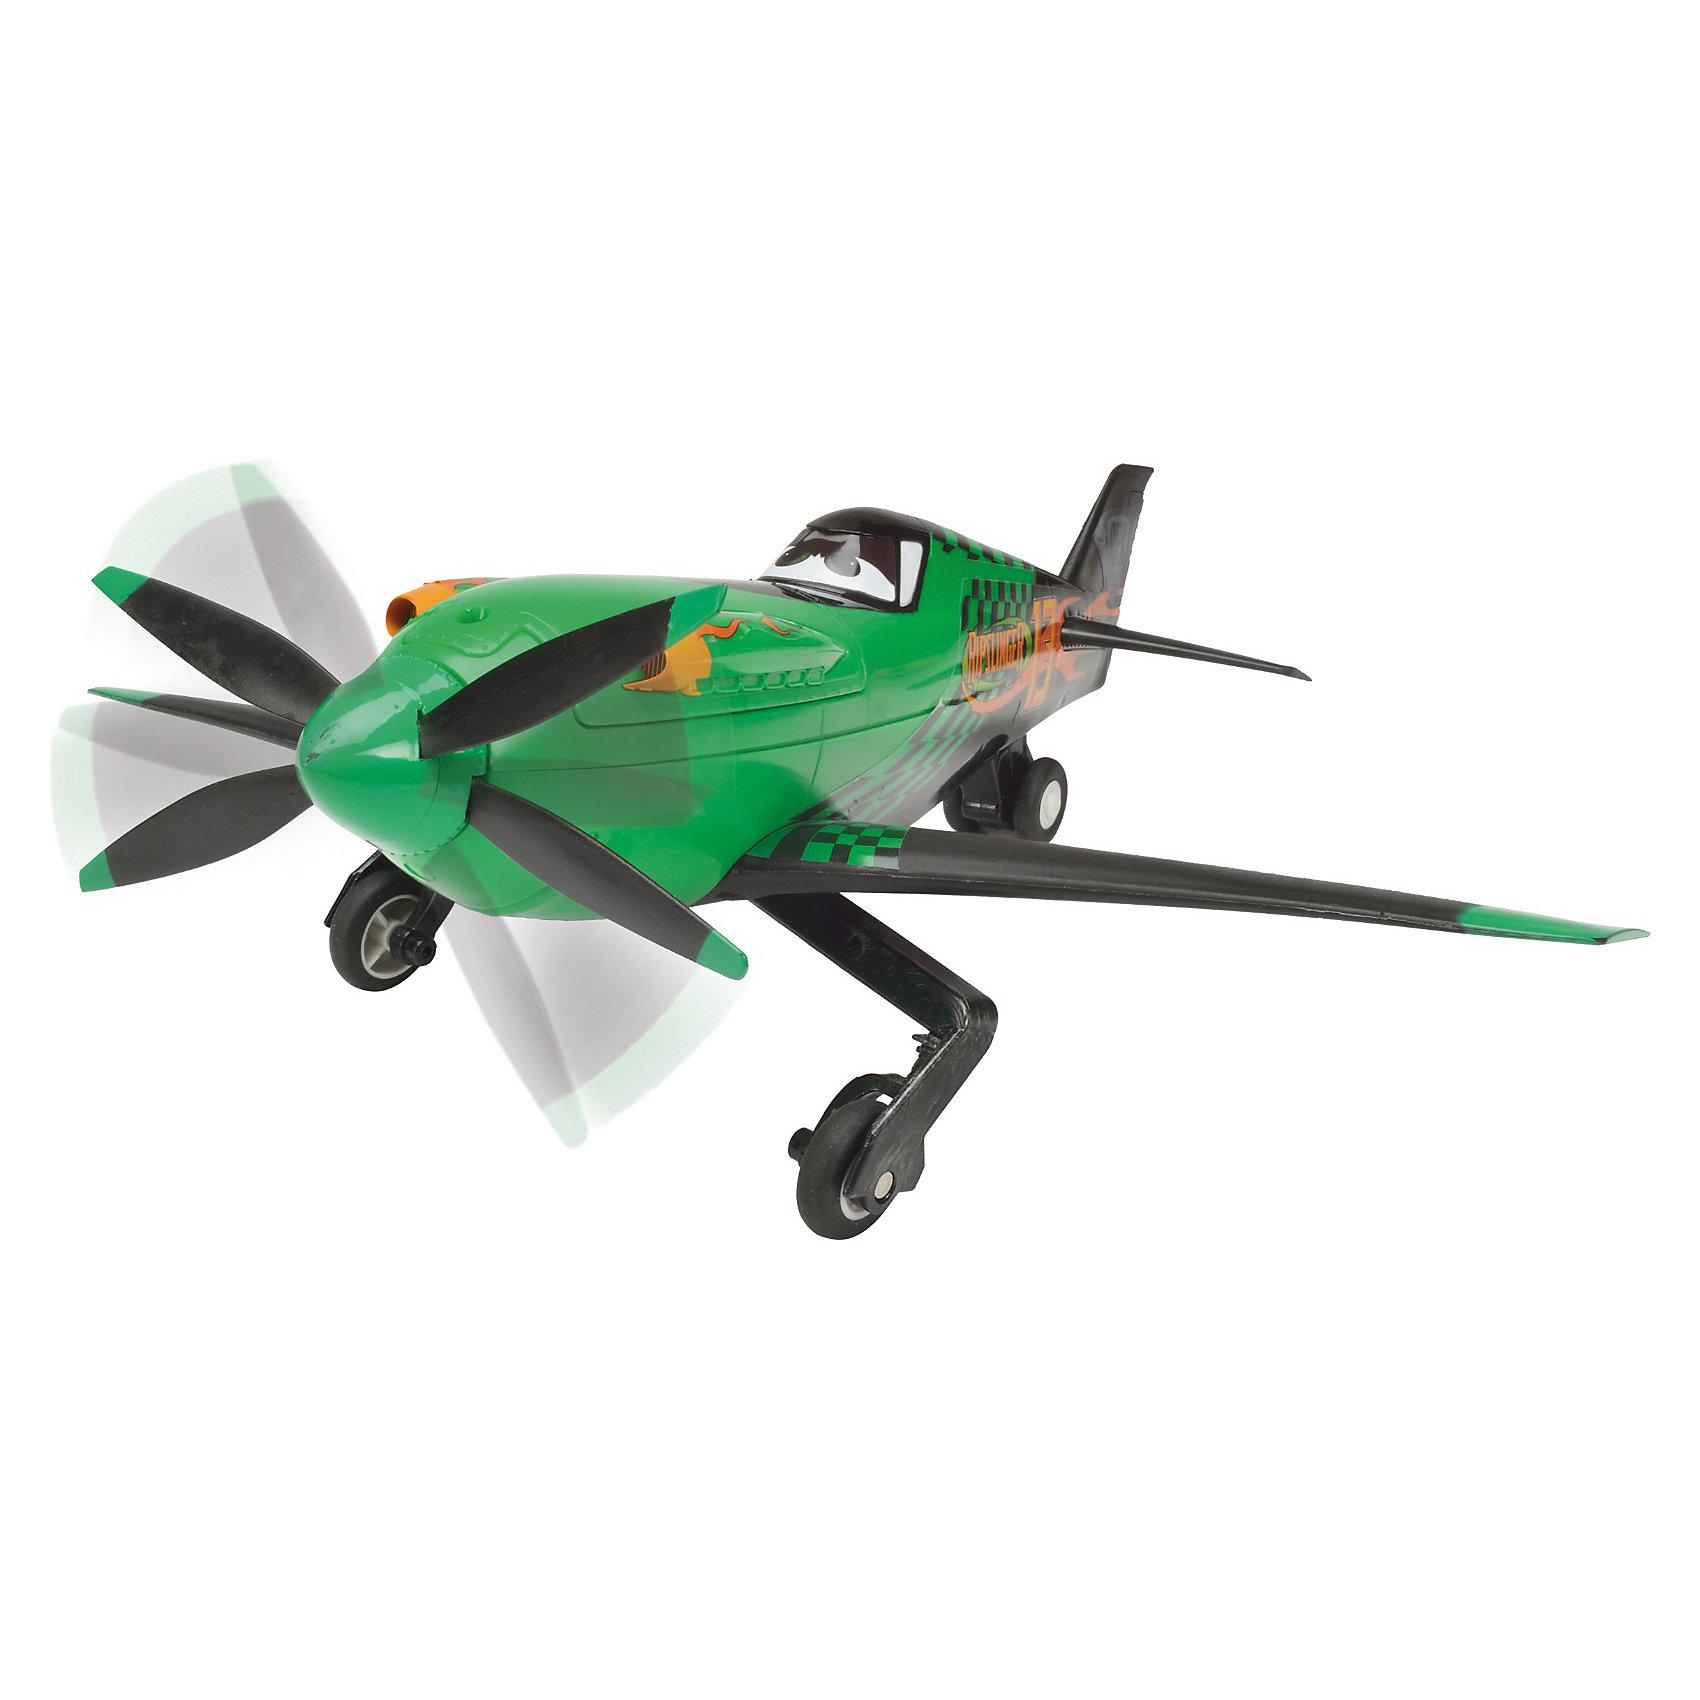 Самолет Рипслингер, , 1:24, 31 см. ,DickieИгрушки<br>Самолет Рипслингер Dickie из мультфильма Planes (Самолеты) Disney станет отличным подарком для Вашего ребенка. Рипслингер – победитель большого количества воздушных гонок, в мультике он противостоит главному герою – Дасти. Внешний вид самолетика в точности повторяет своего мультперсонажа.<br><br>Самолет на радиоуправлении ездит только по поверхности и управляется с помощью пульта. Пульт управления оснащен двумя рычагами: левый - вперед, назад, правый - влево, вправо. Оснащен функцией дрифта и ускорения, звуковыми эффектами и имитацией работы двигателя. Пропеллер самолета вращается. <br><br>Дополнительная информация:<br><br>- Масштаб: 1:24.<br>- Материал: пластмасса.<br>- Требуются батарейки: в пульт – 3 шт. LR06 типа АА, в самолет – 3 шт. LR6 типа АА (в комплект не входят). <br>- Размер игрушки: 31 см.<br>- Размер упаковки: 35 х 30 х 17,5 см.<br>- Вес: 1 кг.<br><br>Самолет Рипслингер Dickie можно купить в нашем интернет-магазине.<br><br>Ширина мм: 261<br>Глубина мм: 306<br>Высота мм: 375<br>Вес г: 898<br>Возраст от месяцев: 36<br>Возраст до месяцев: 84<br>Пол: Унисекс<br>Возраст: Детский<br>SKU: 3167817